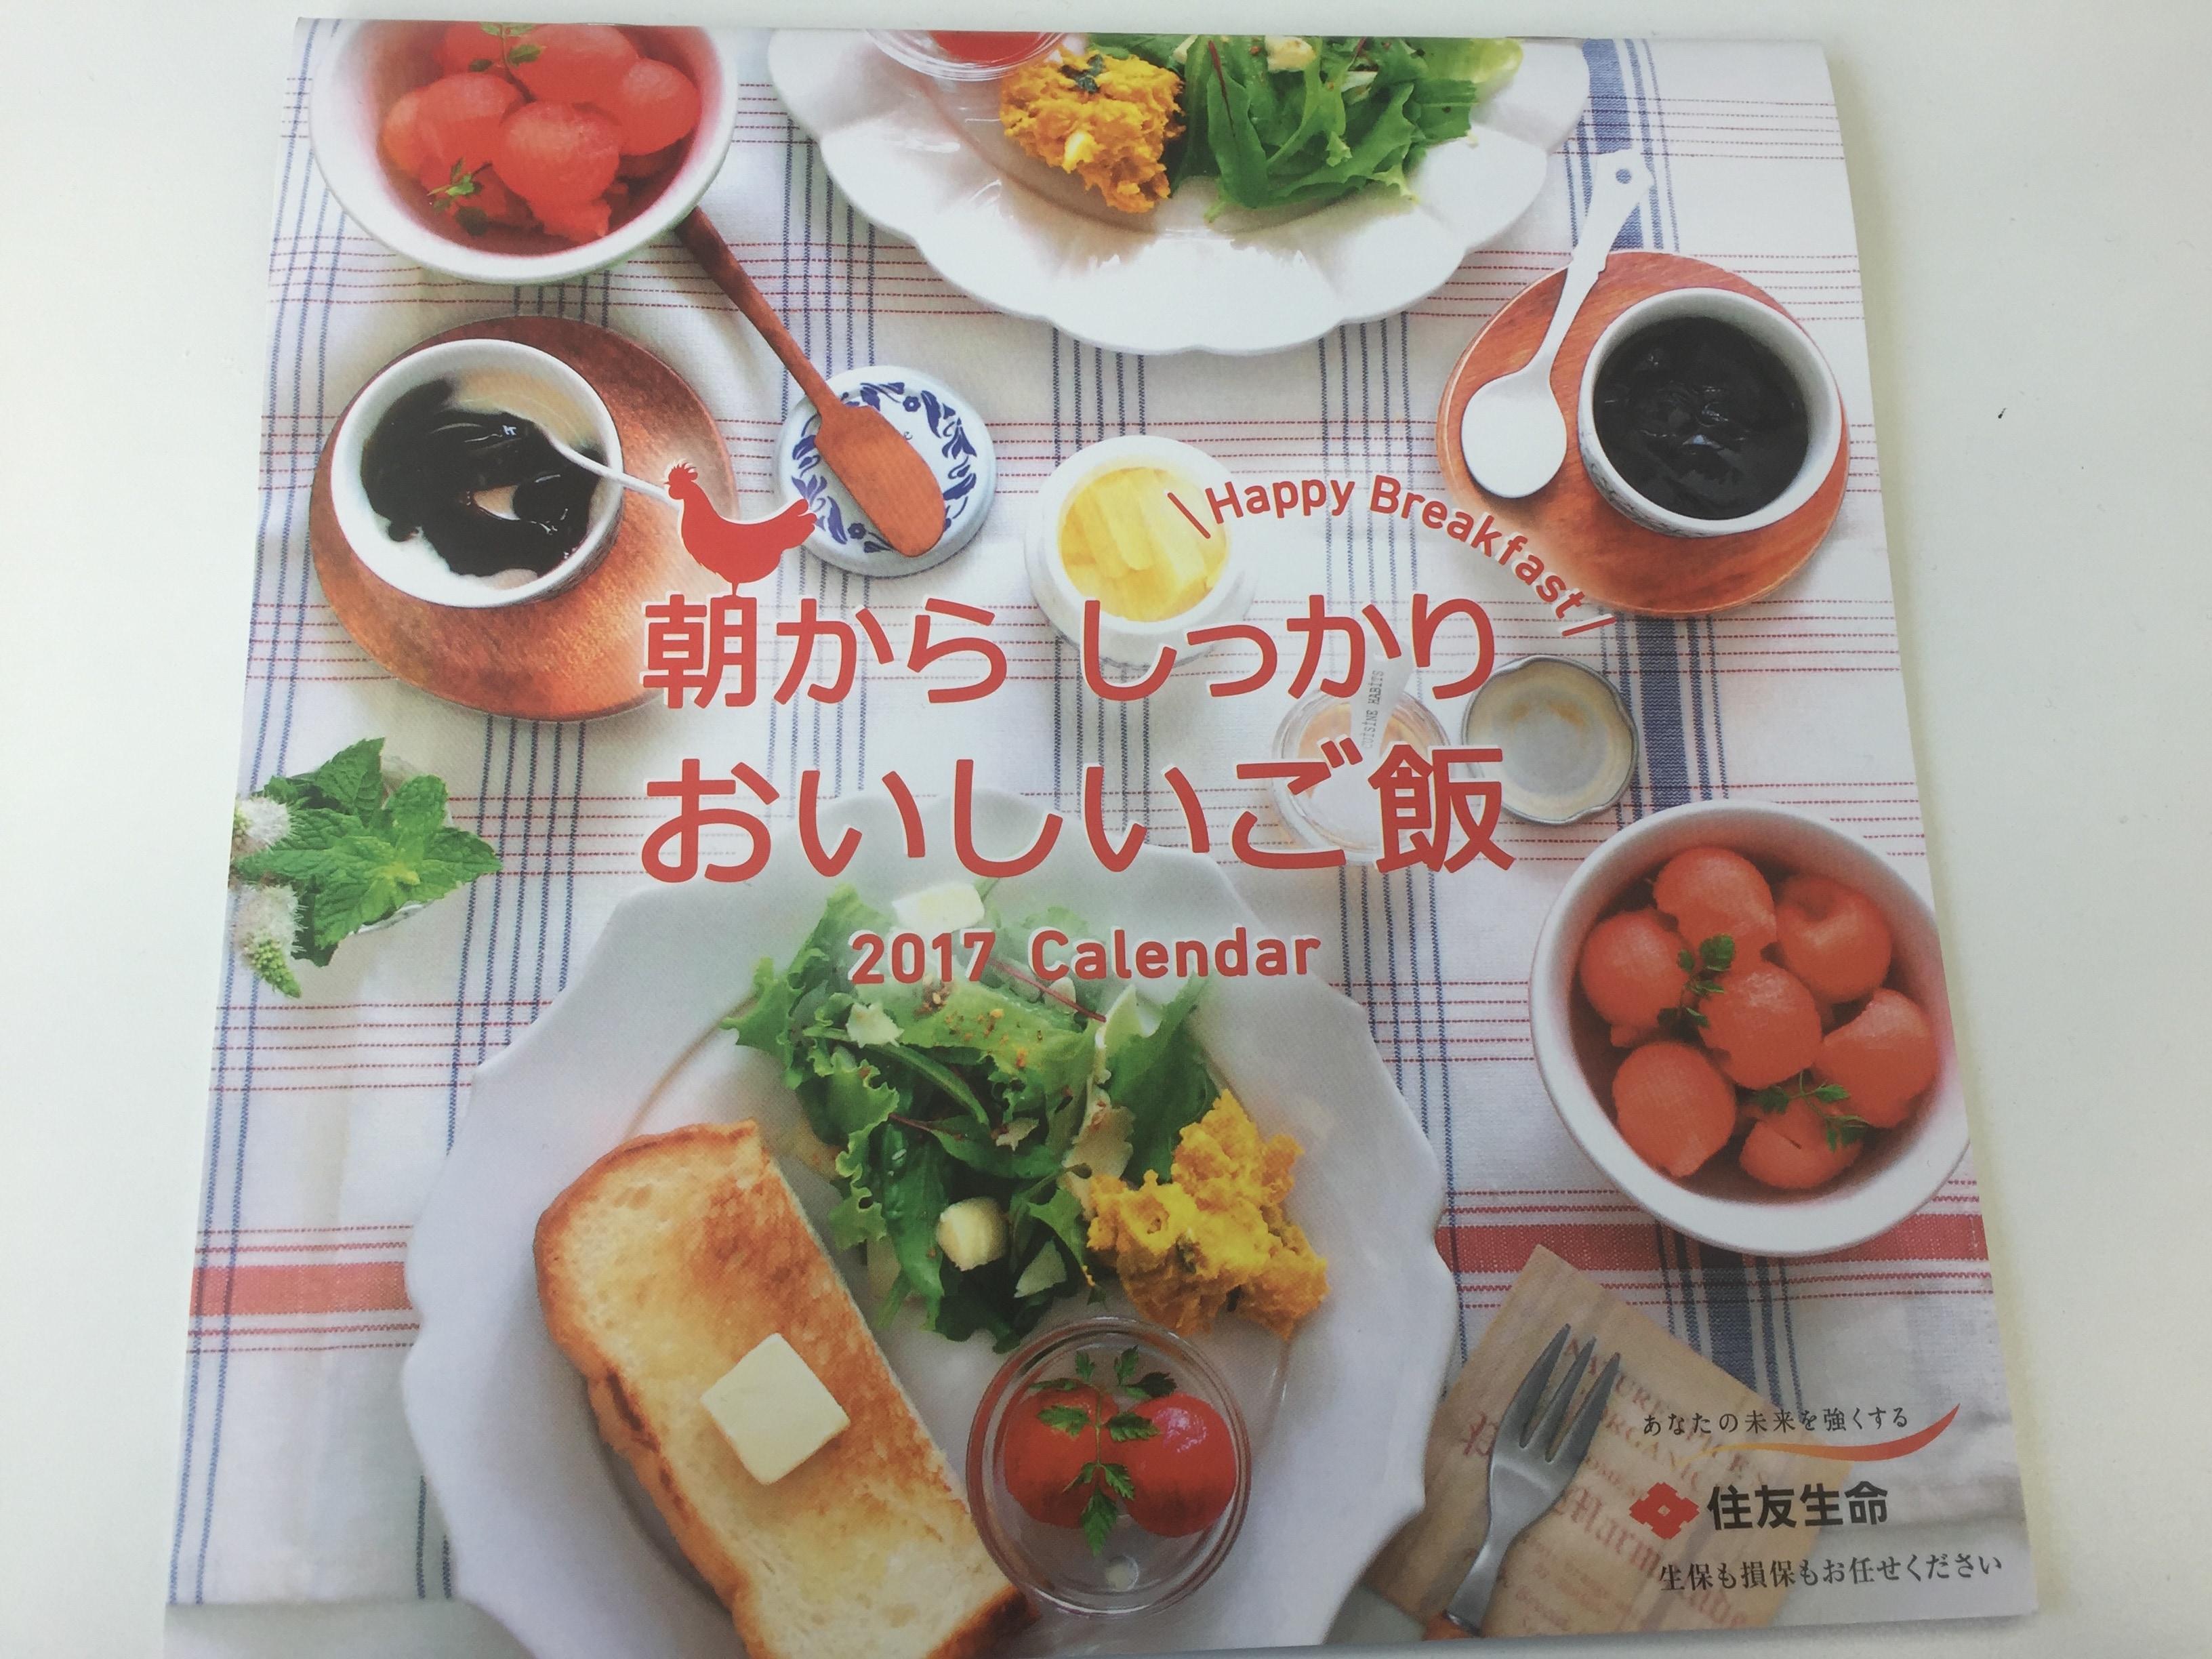 栁川かおり:住友生命様 2017年カレンダー「朝からしっかり美味しいご飯」でレシピが採用されました